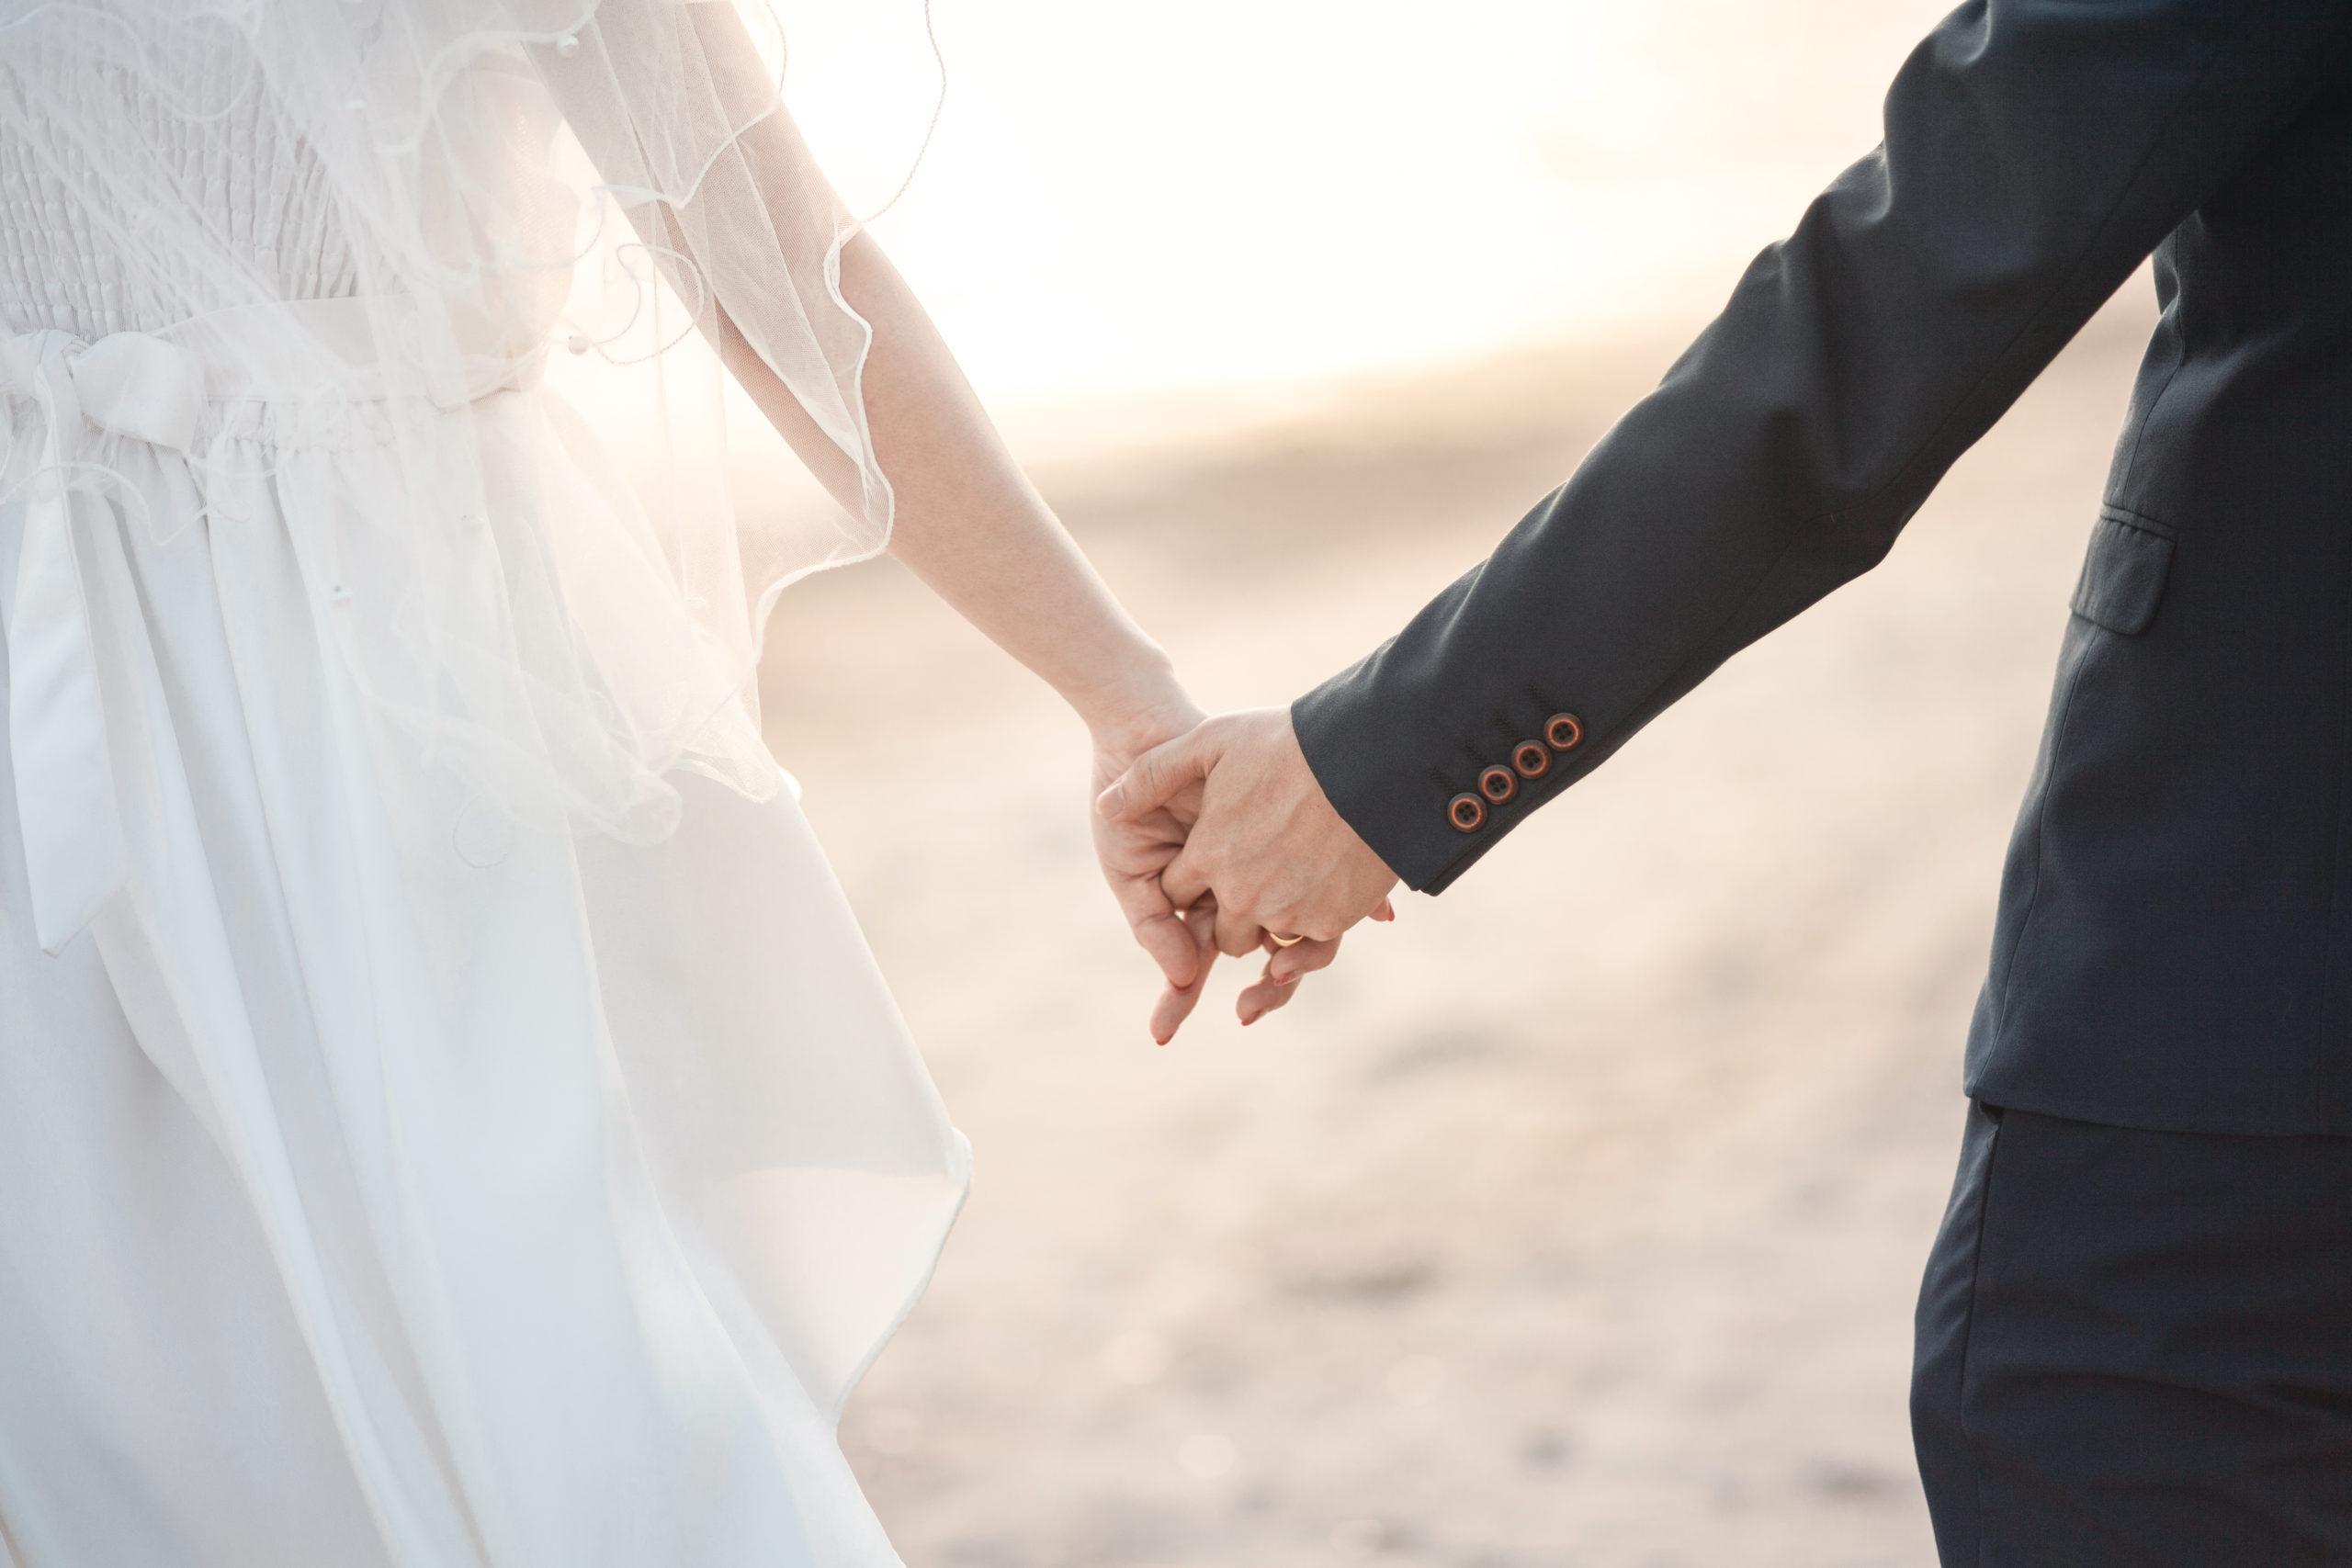 福岡結婚相談所ひまわりブーケの恋愛コミュニケーションの画像